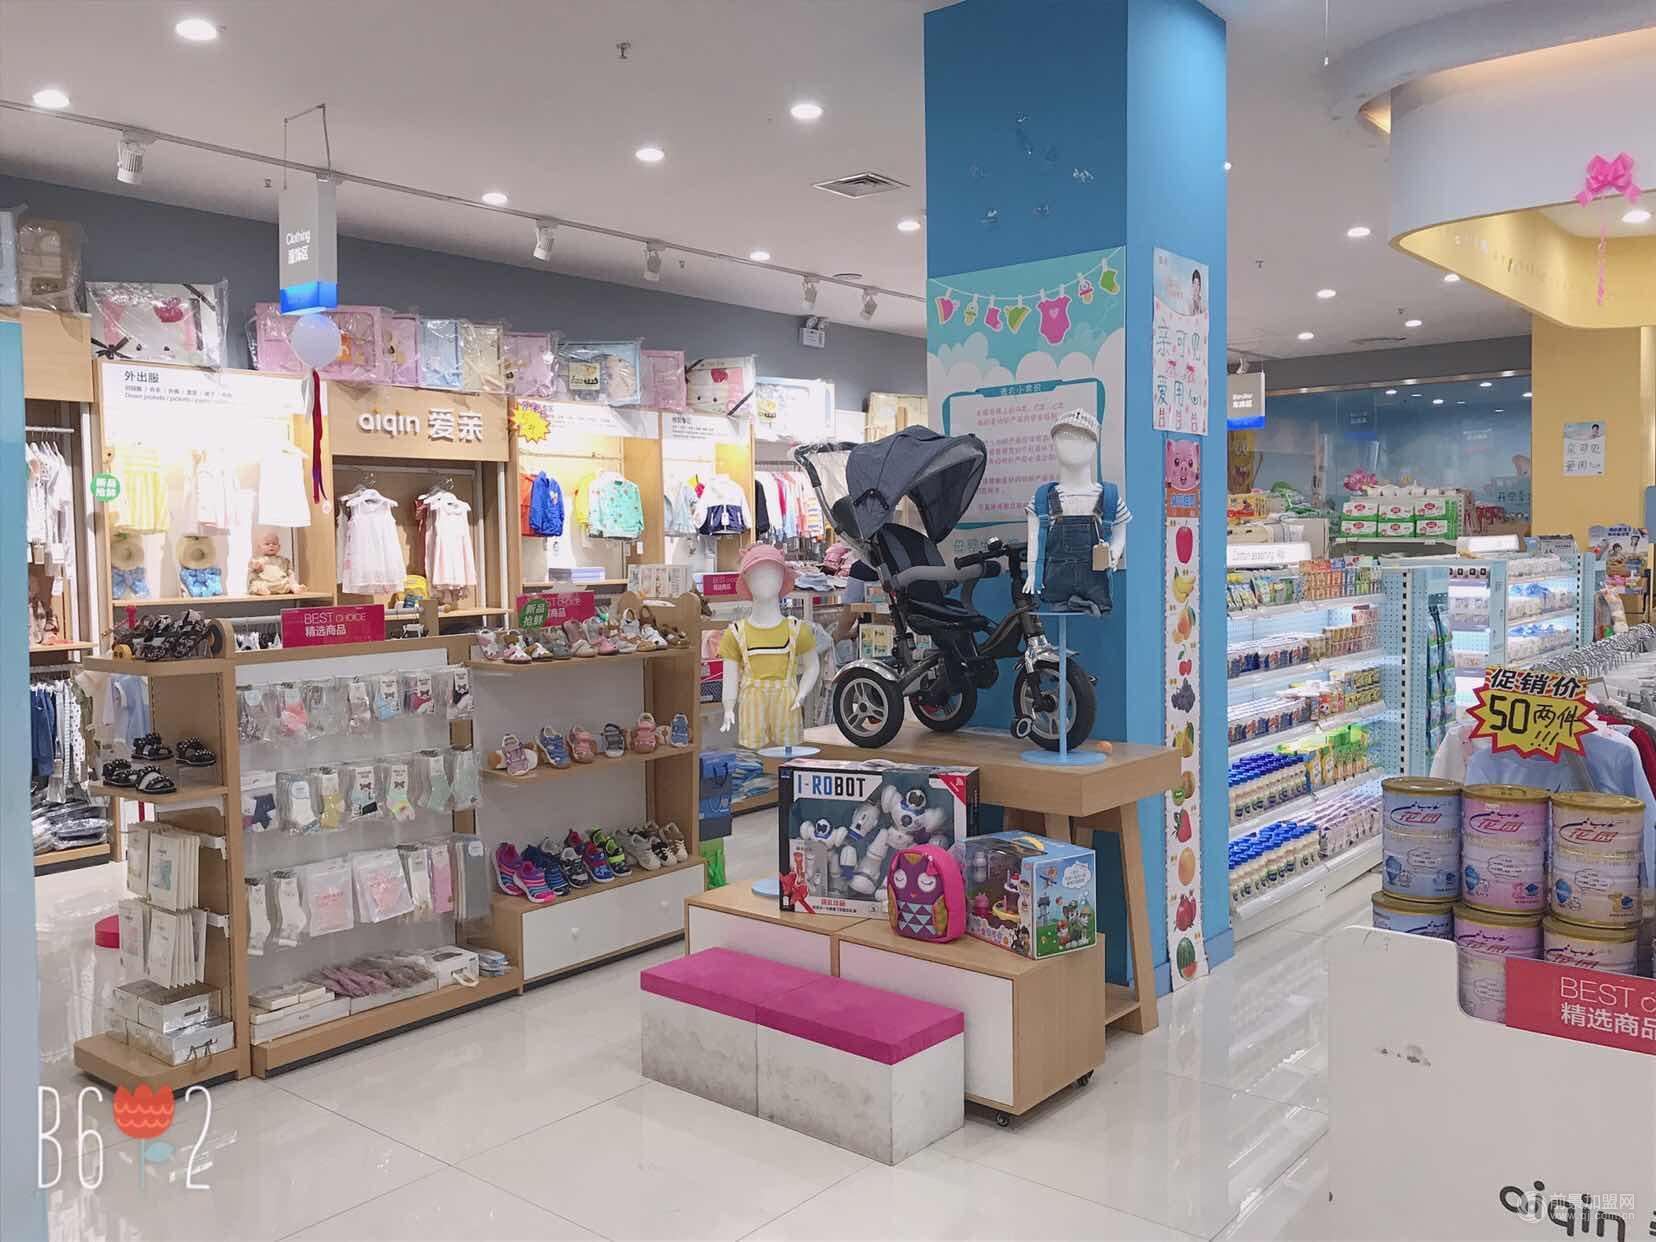 新起点母婴生活馆(东门店)地址,电话-宜春母婴购物-大众点评网